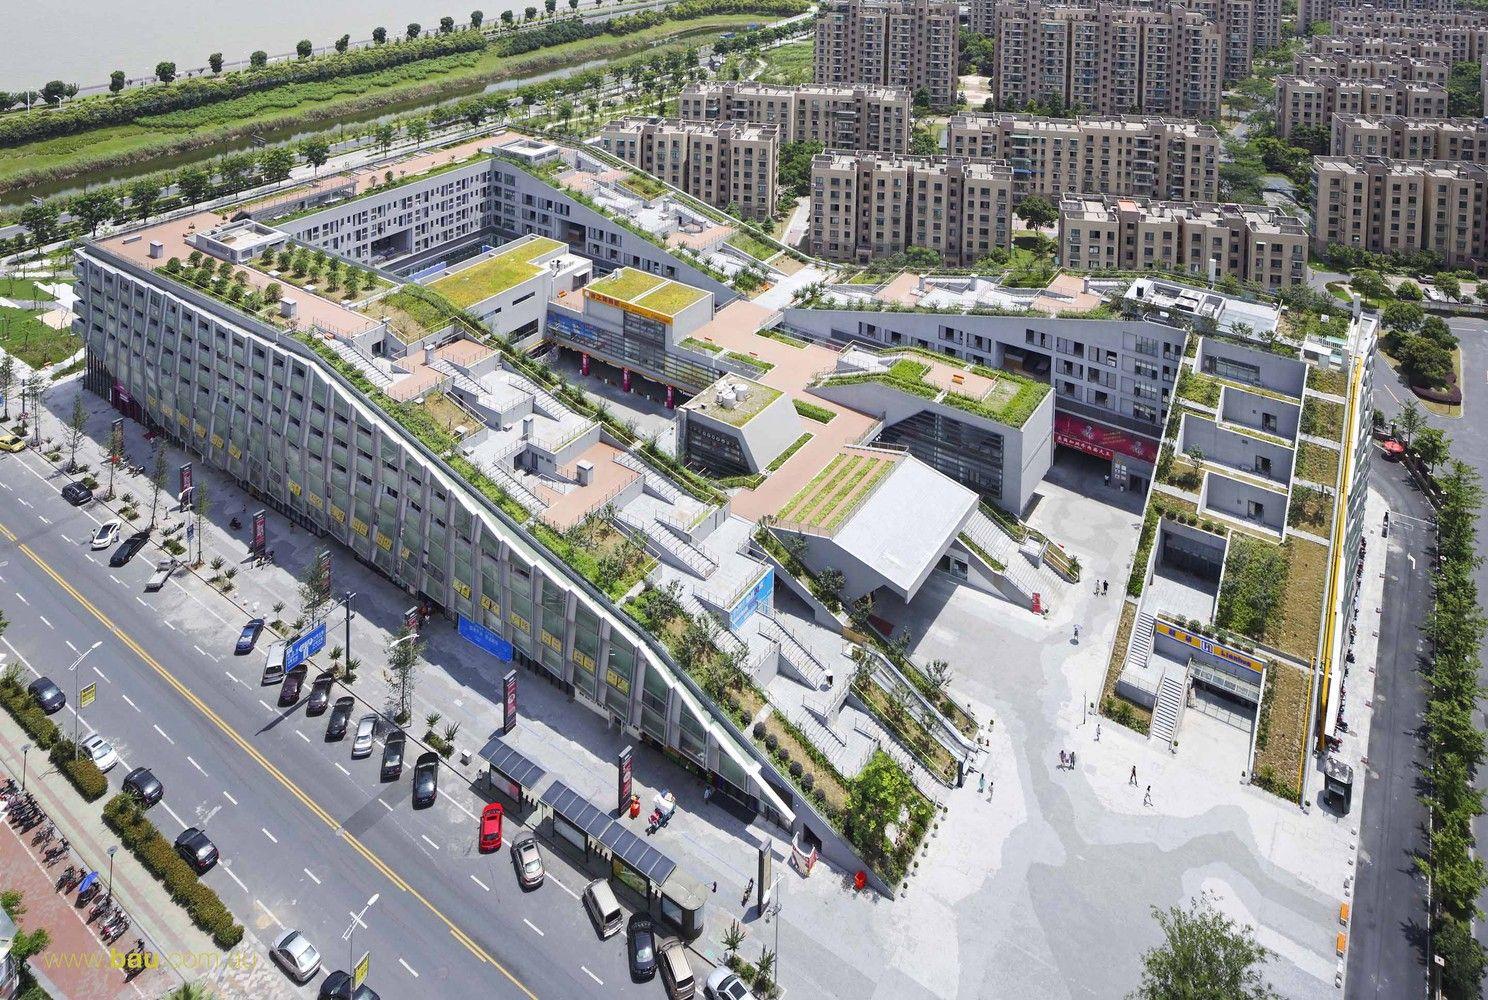 Galeria de complexo comercial hangzhou duolan bau - Galeria comercial ...